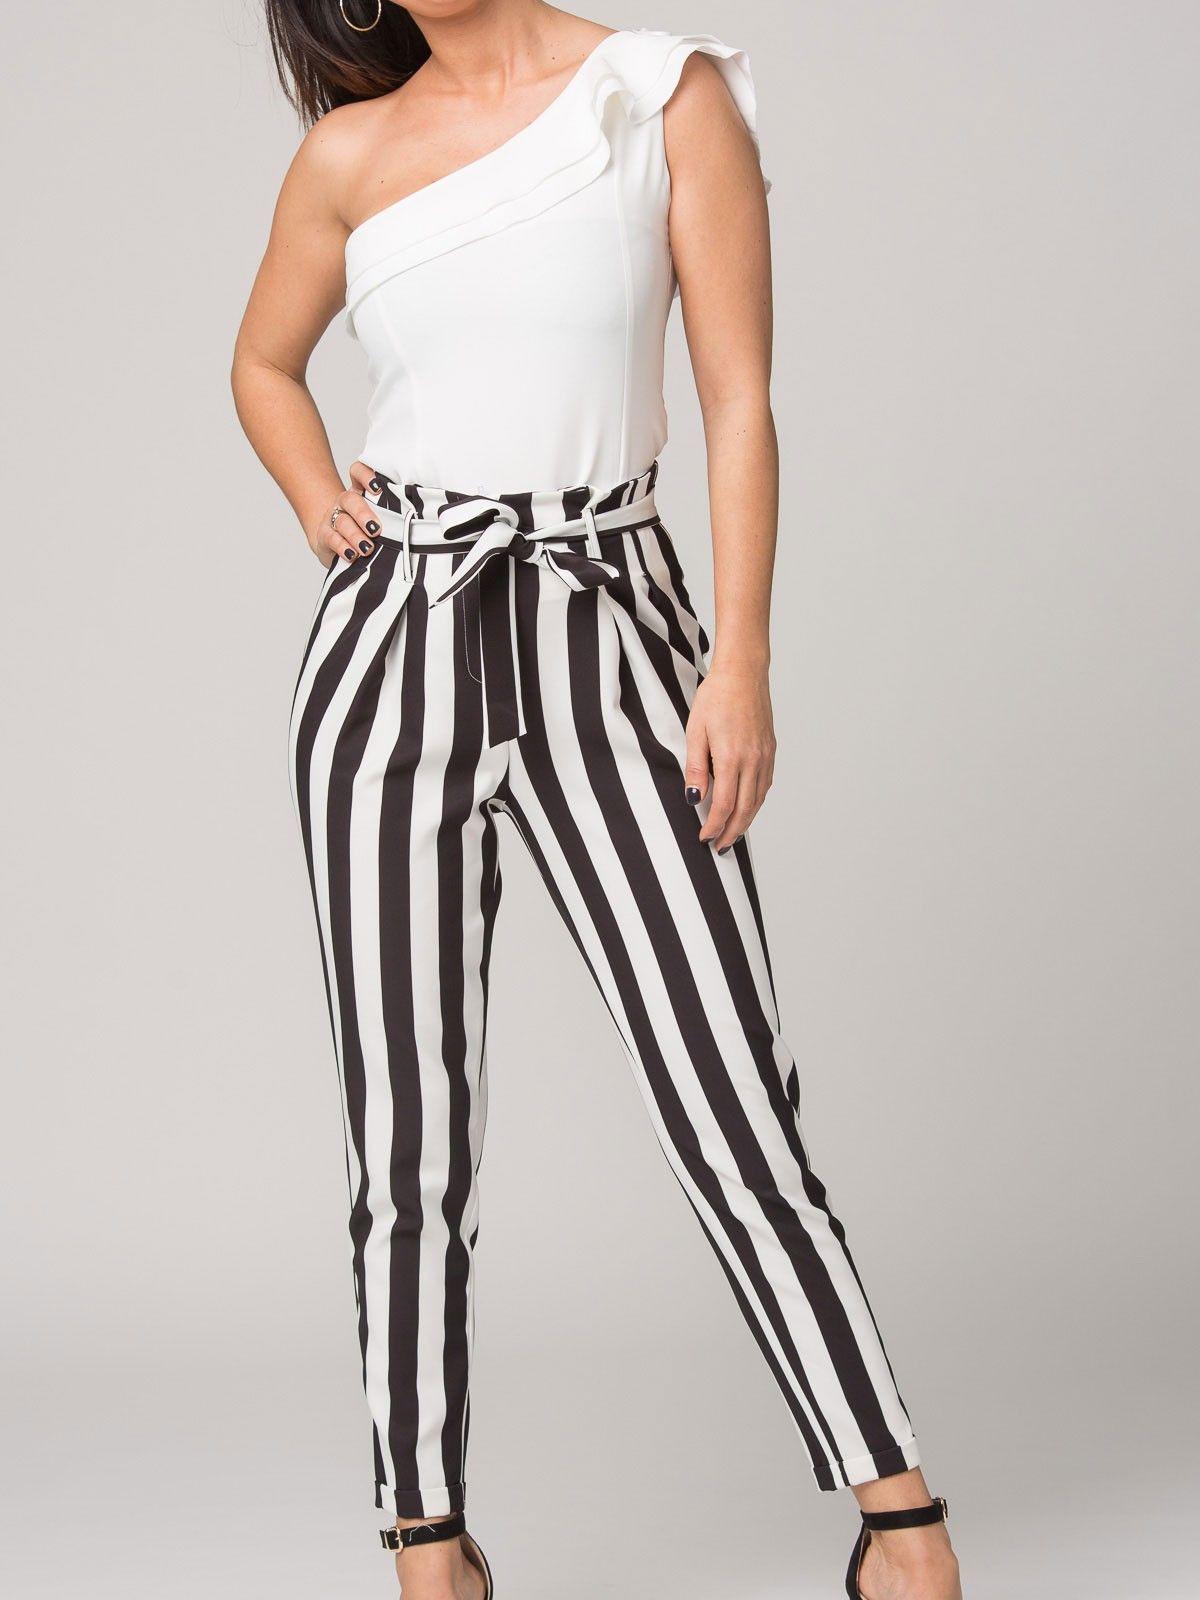 Pantalón Alba - Pantalón capri de rayas en blanco y negro. Cintura alta y  detalle de cinturón de la misma tela. - MODA FIESTA - Moda Casual Low Cost  de ... 19fc7ad85f0c